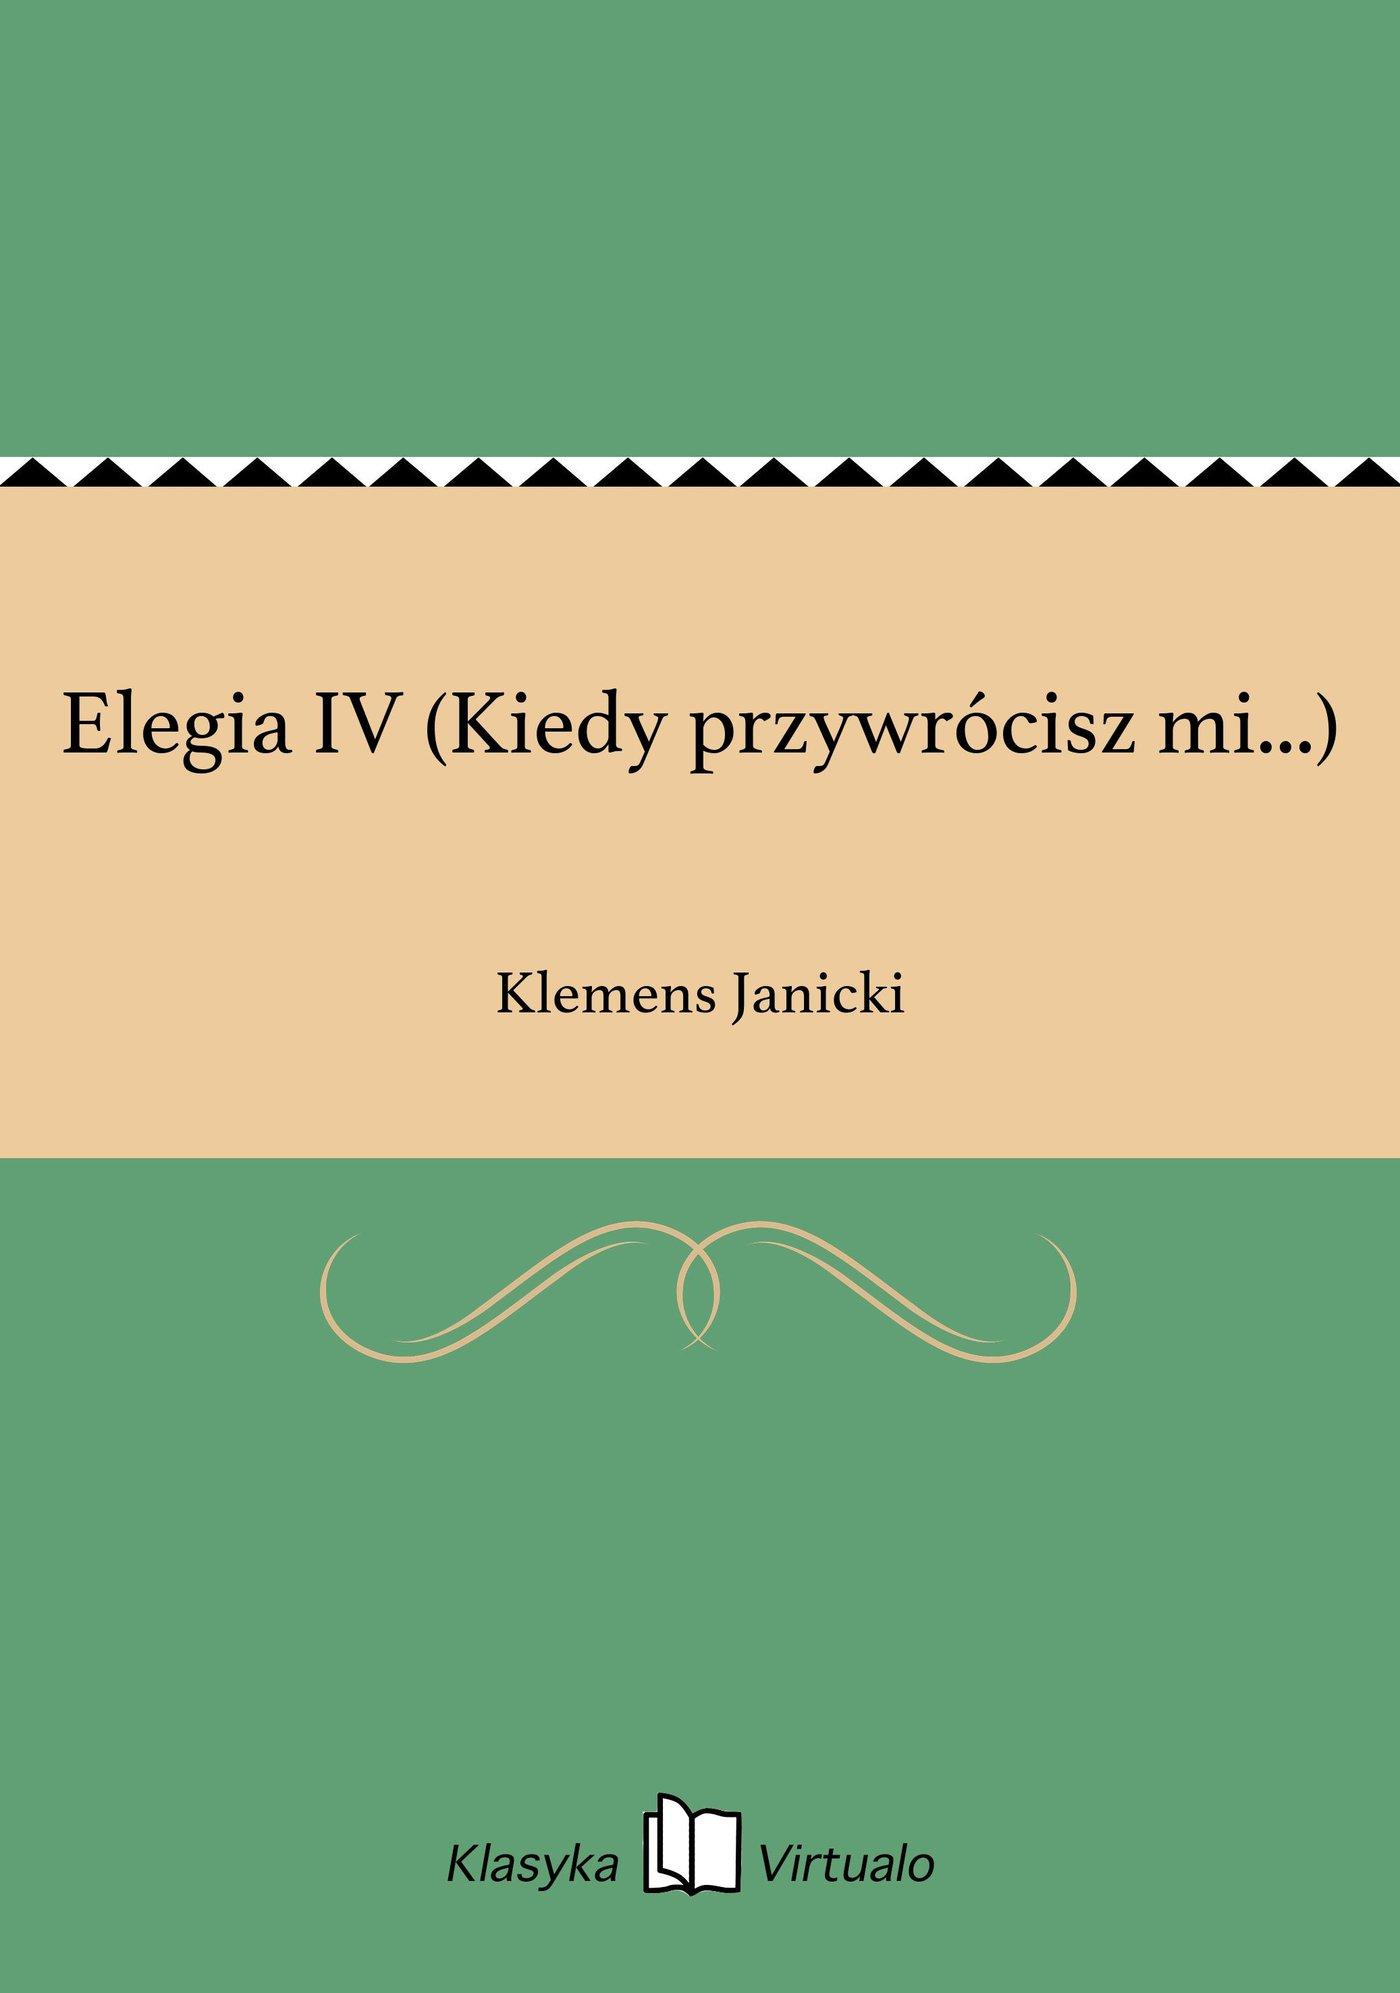 Elegia IV (Kiedy przywrócisz mi...) - Ebook (Książka EPUB) do pobrania w formacie EPUB